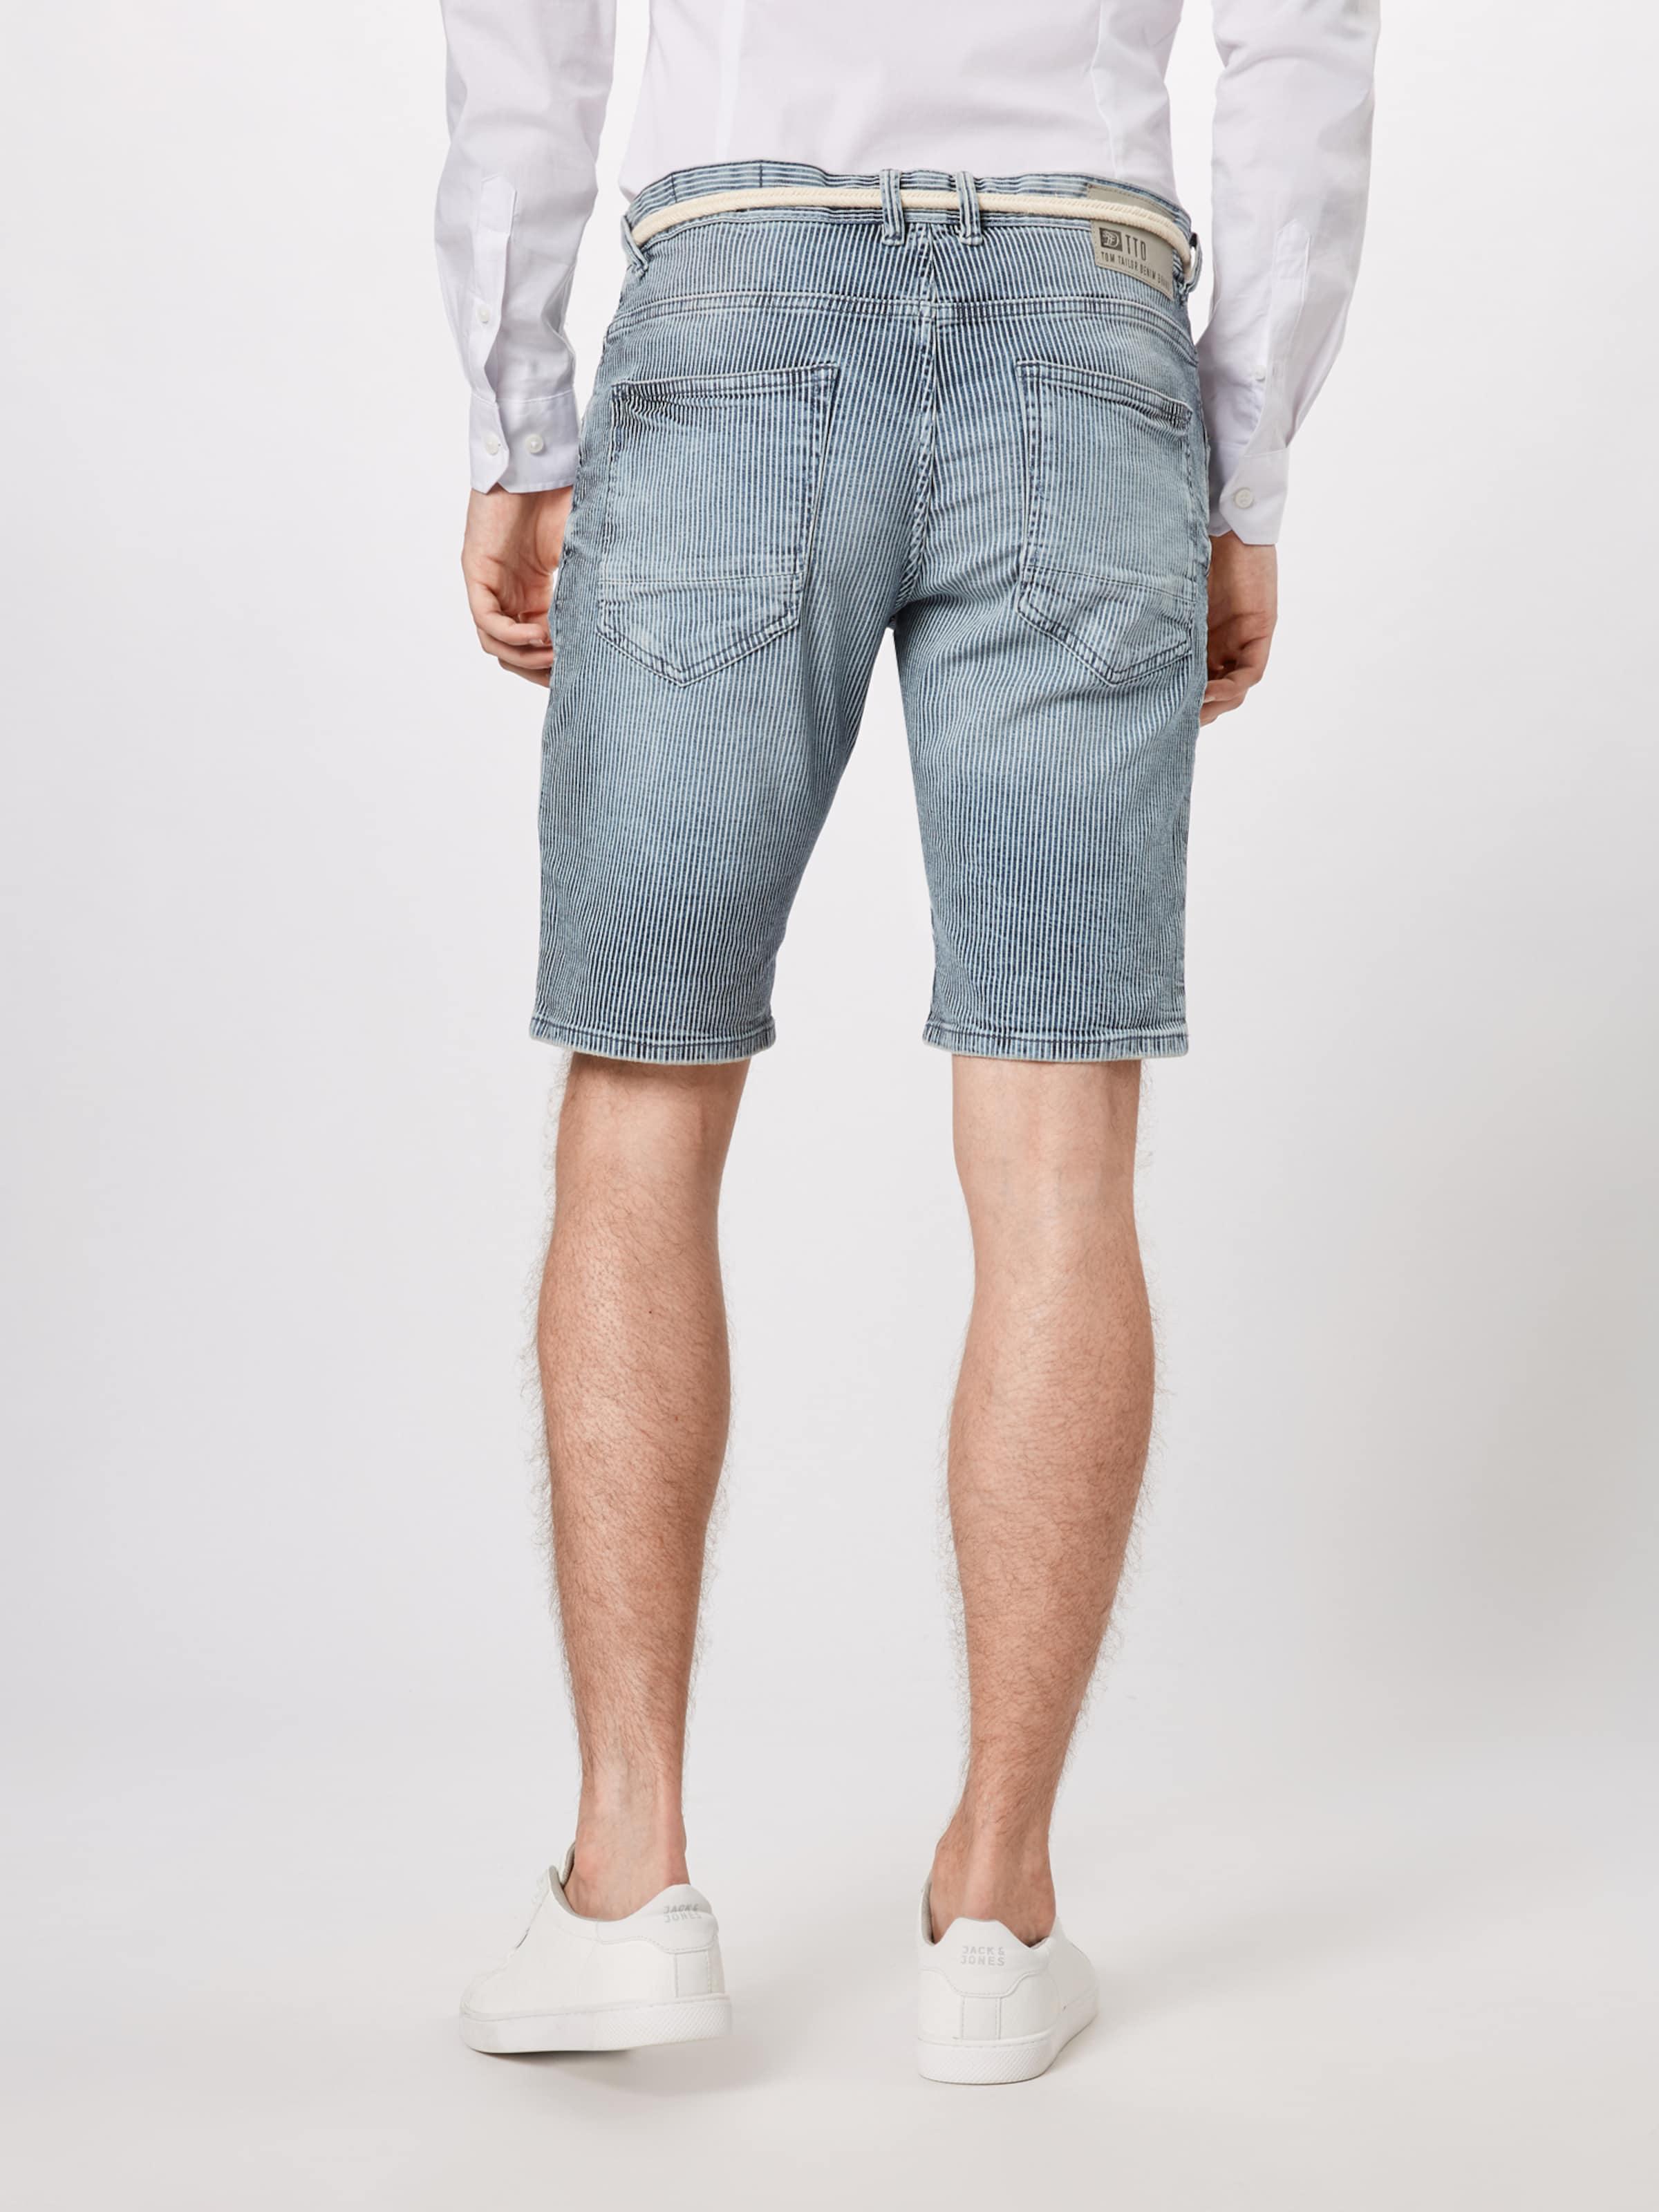 Tom In Denim Blue Tailor Jeans SpUzMVq